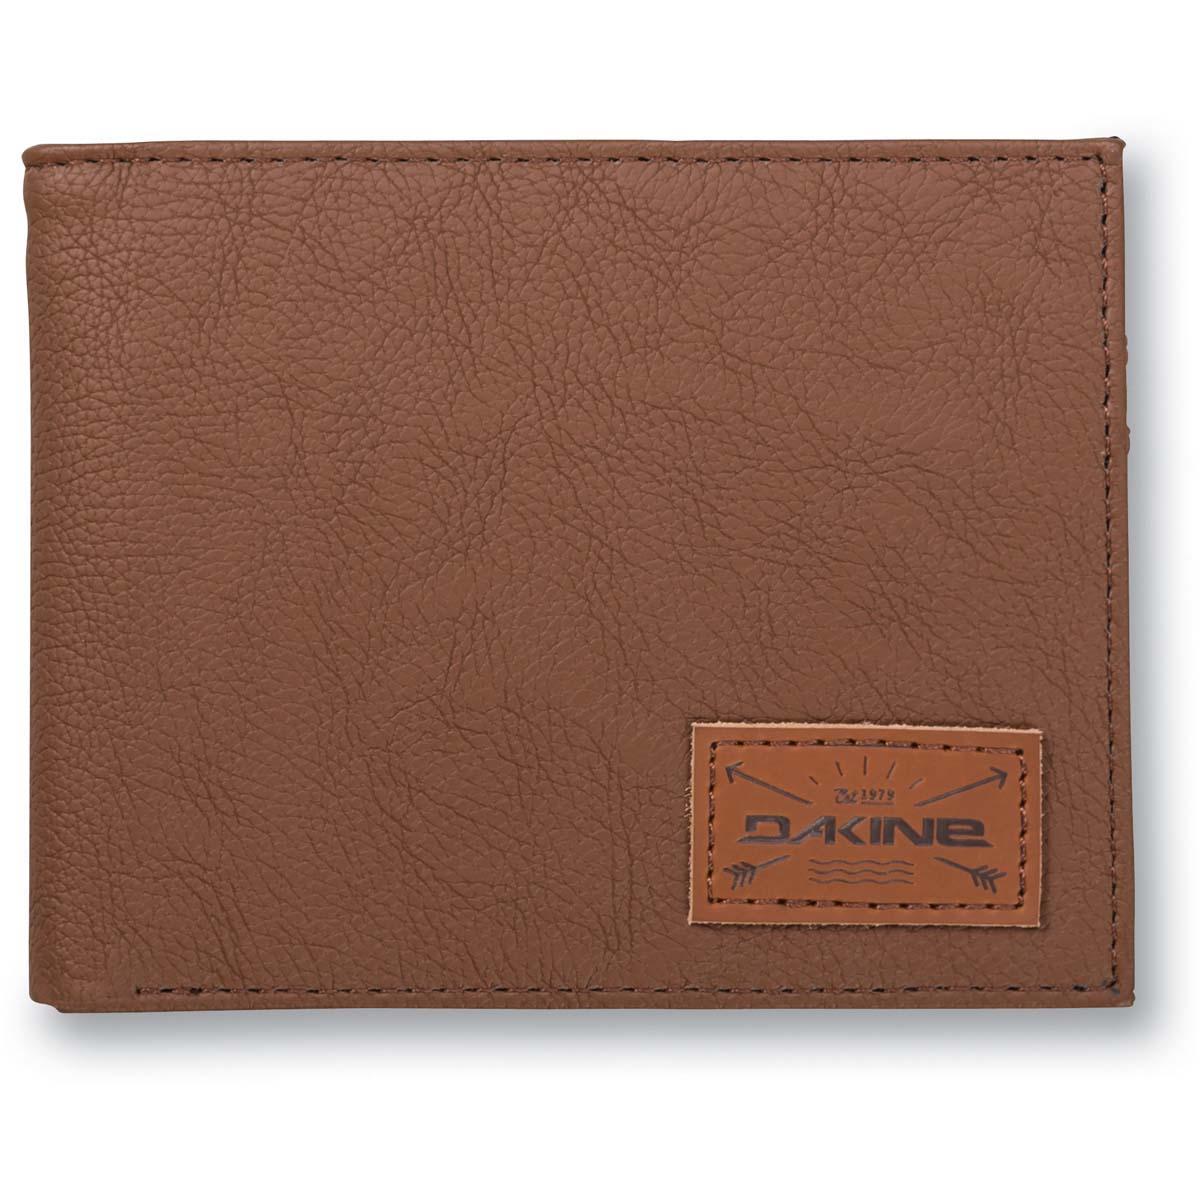 4501ee965e3bd Dakine Riggs Coin Wallet Wallet Brown